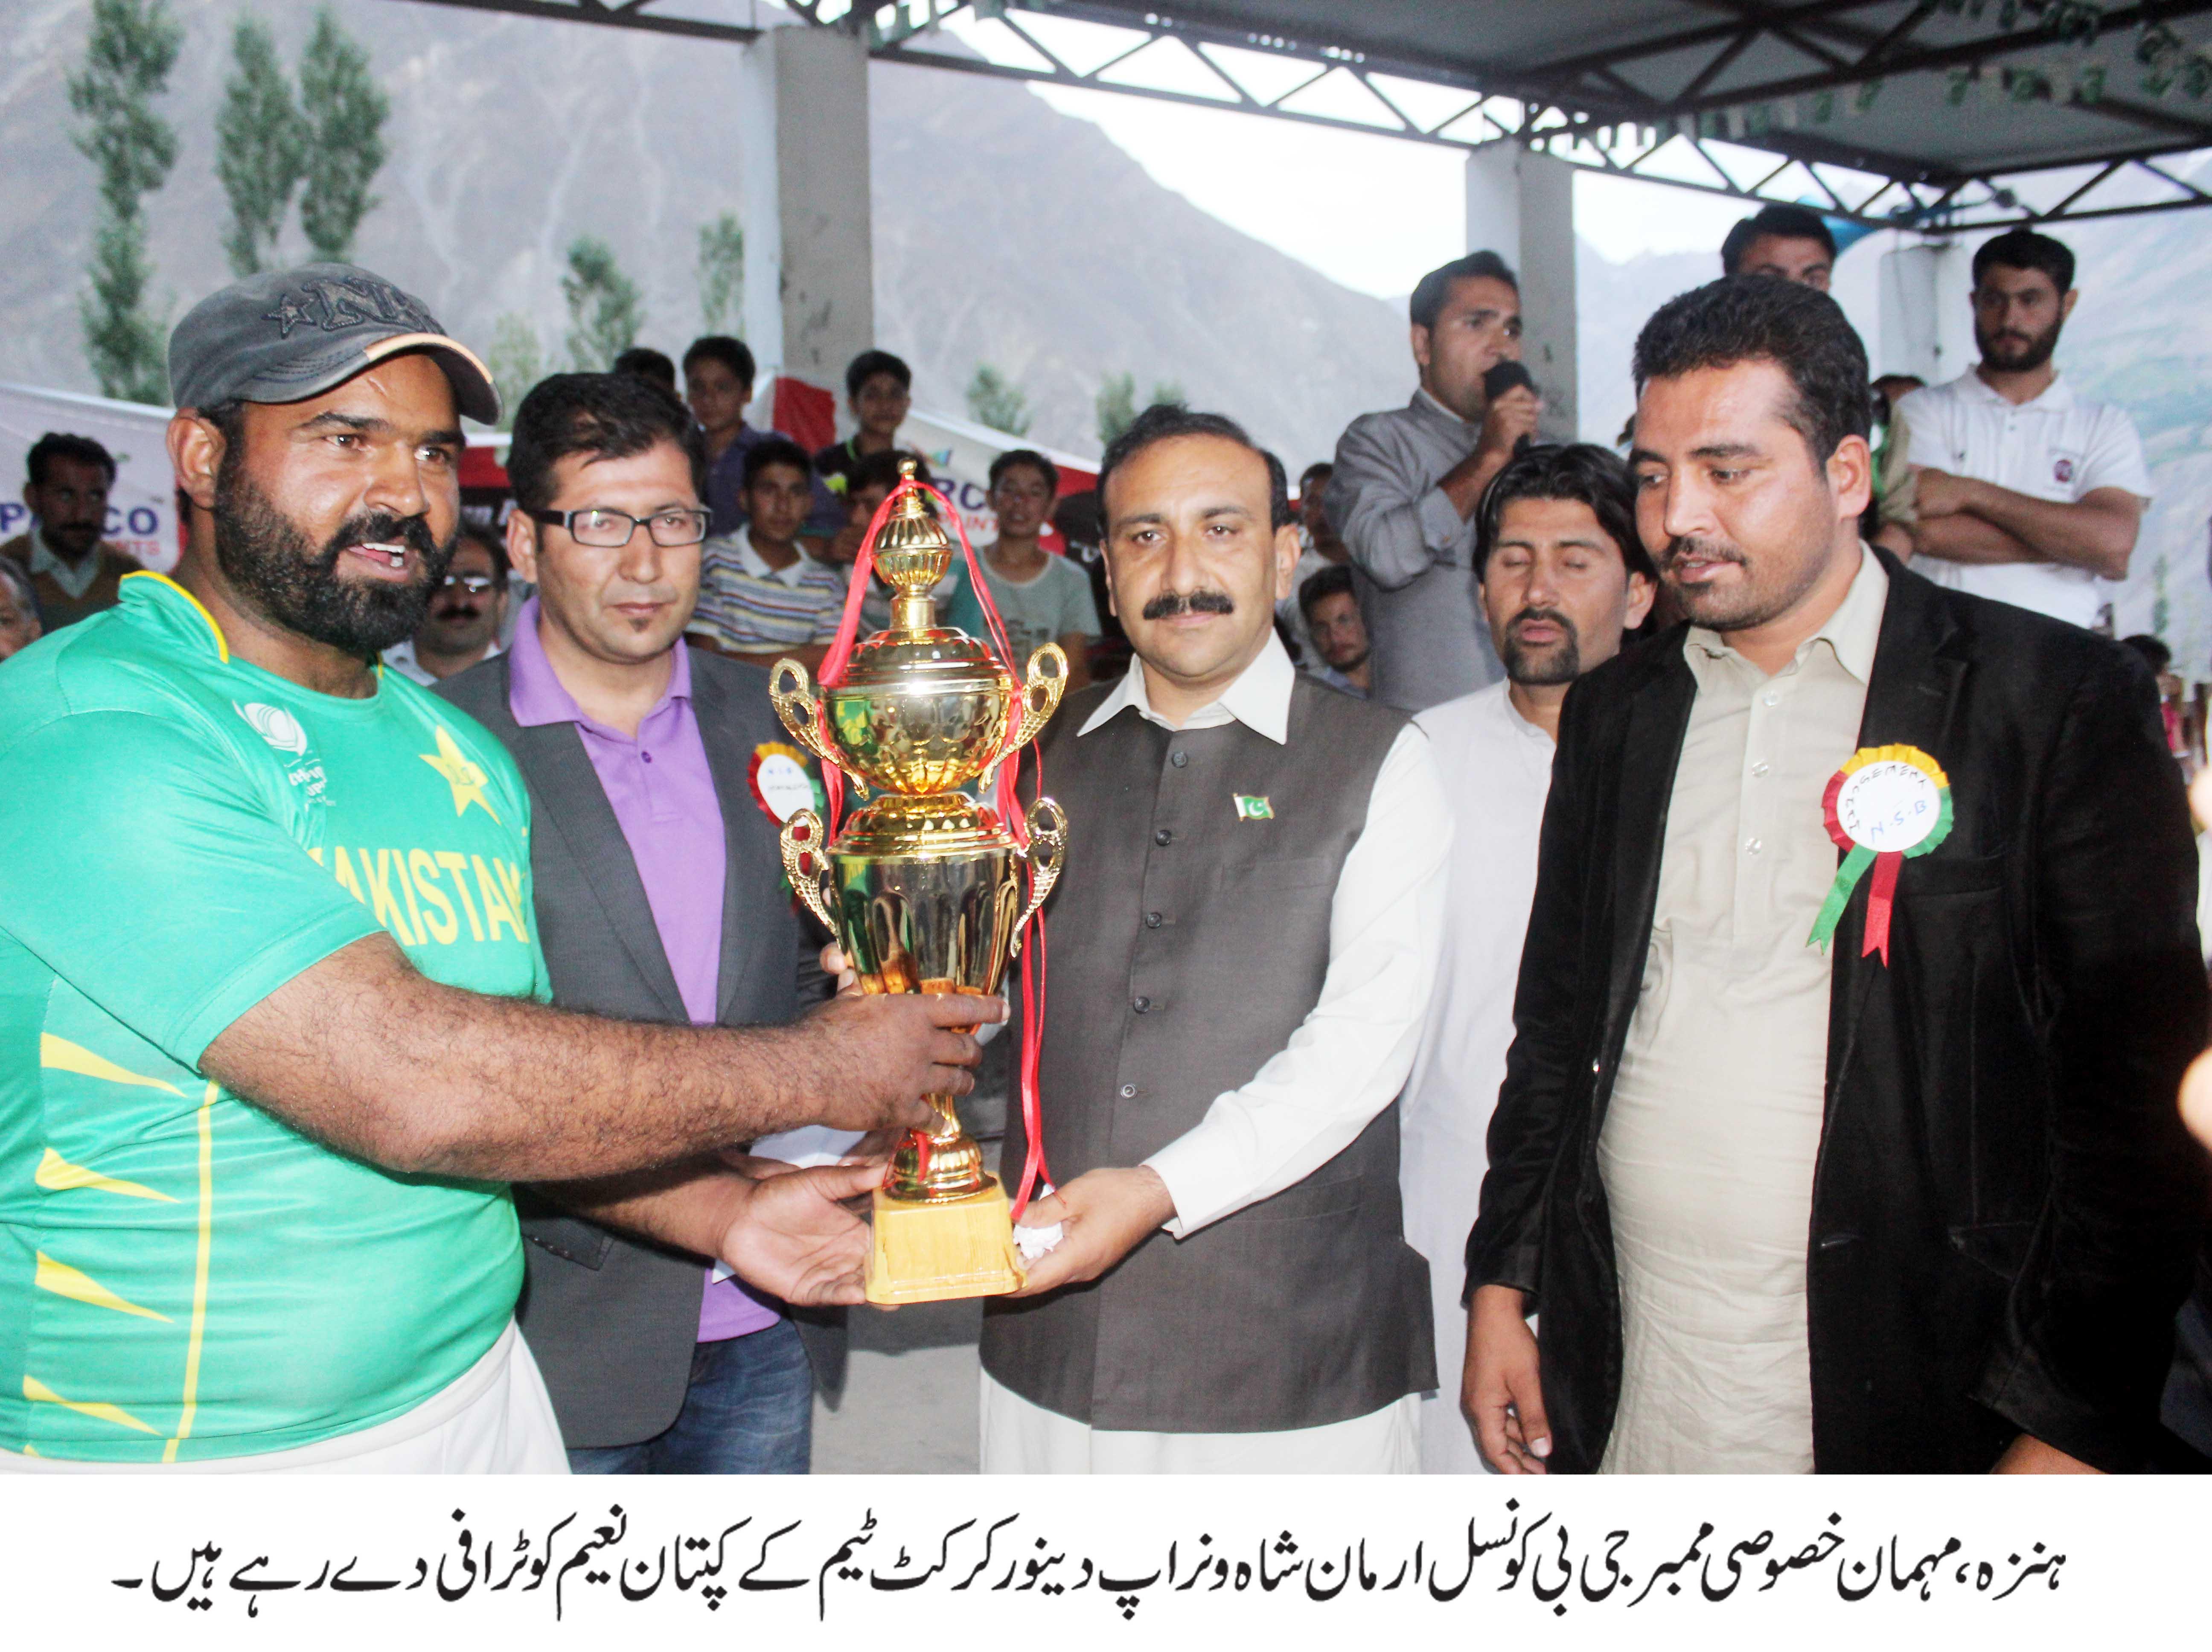 دنیور ٹیم نے ناصر آباد ہنزہ میں منعقدہ گلگت بلتستان پریمئر لیگ جیت لی